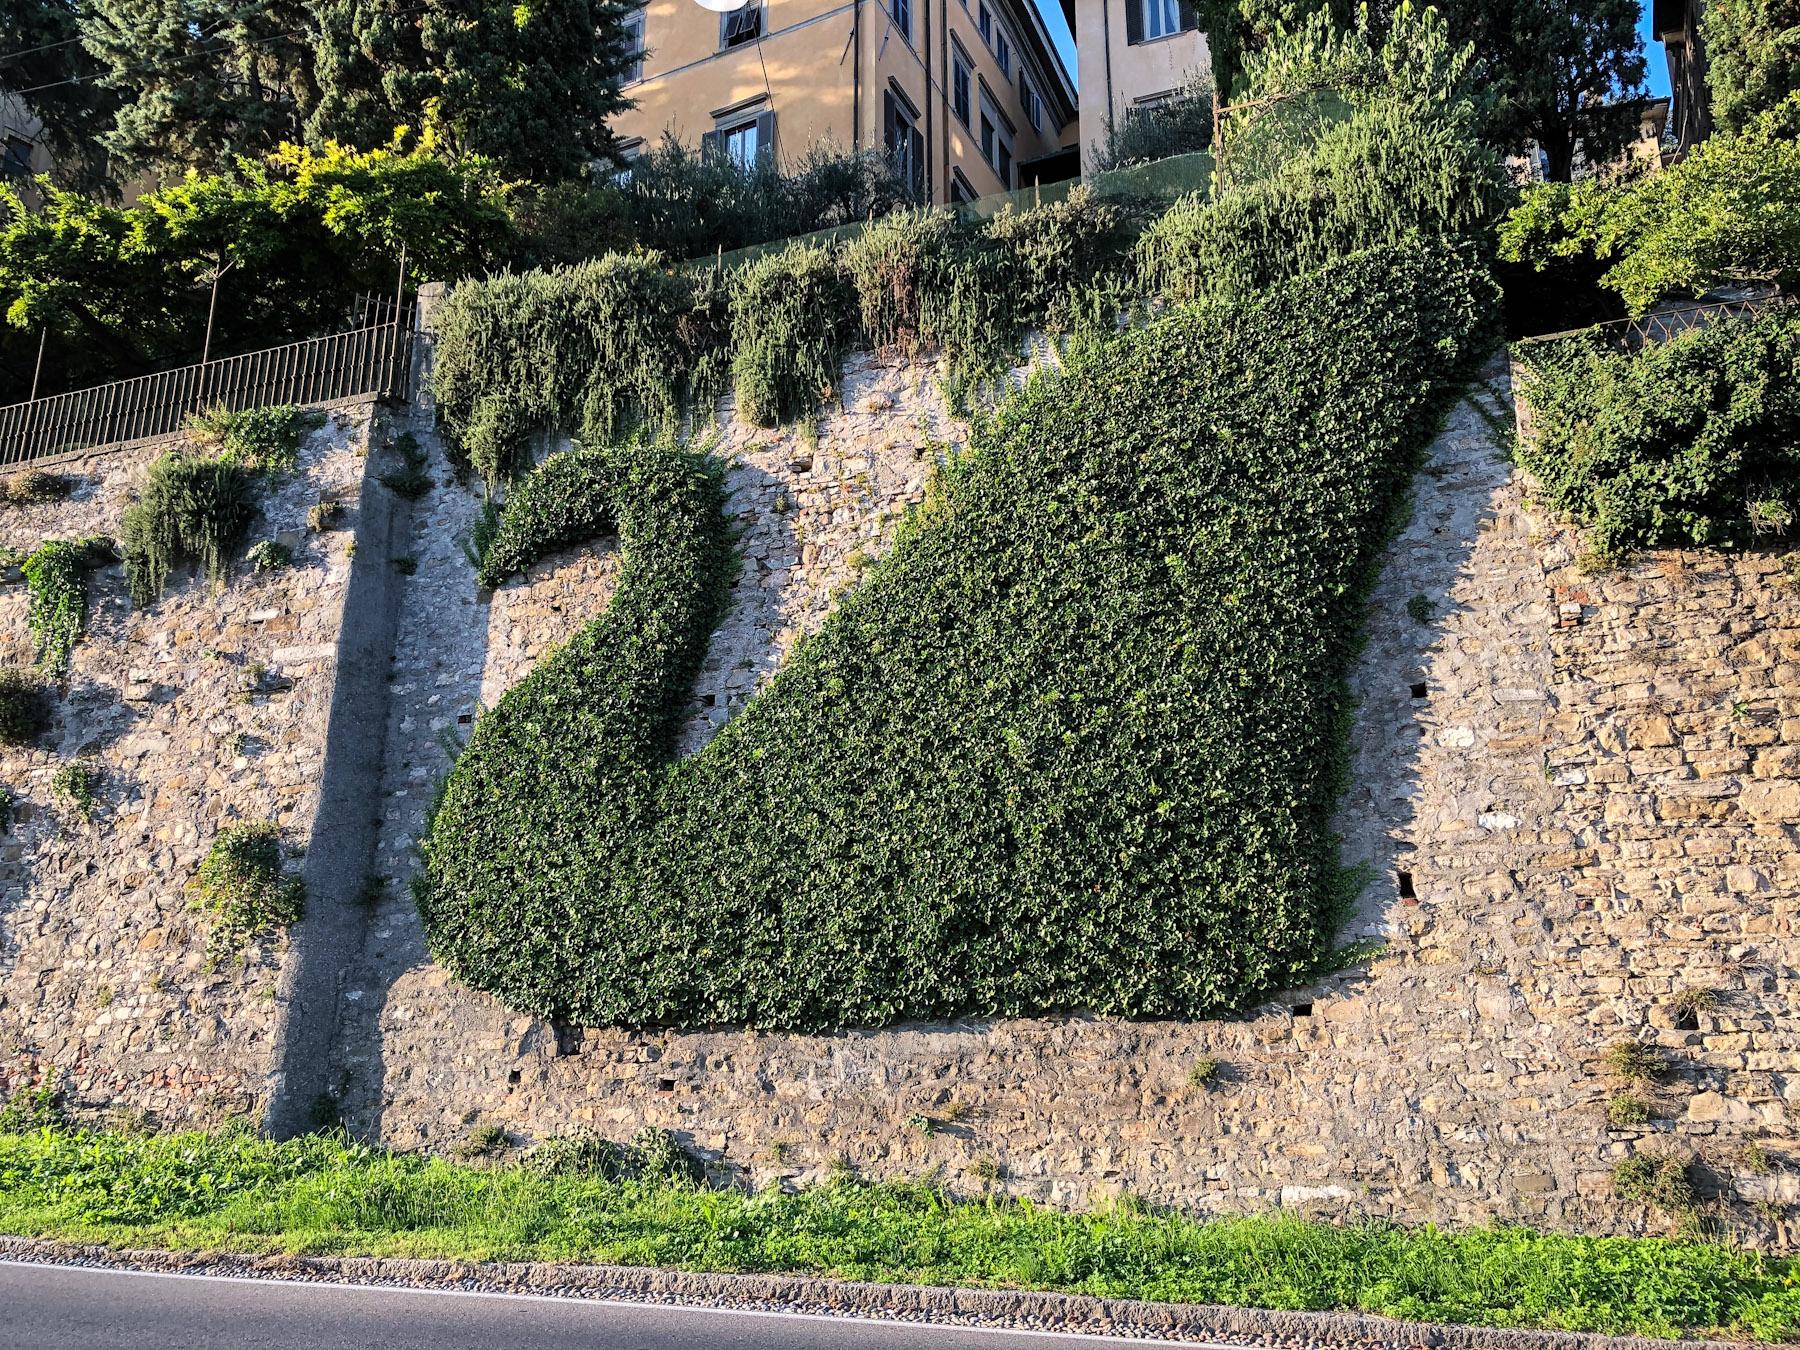 Viale delle Mura, Bergamo, Italy